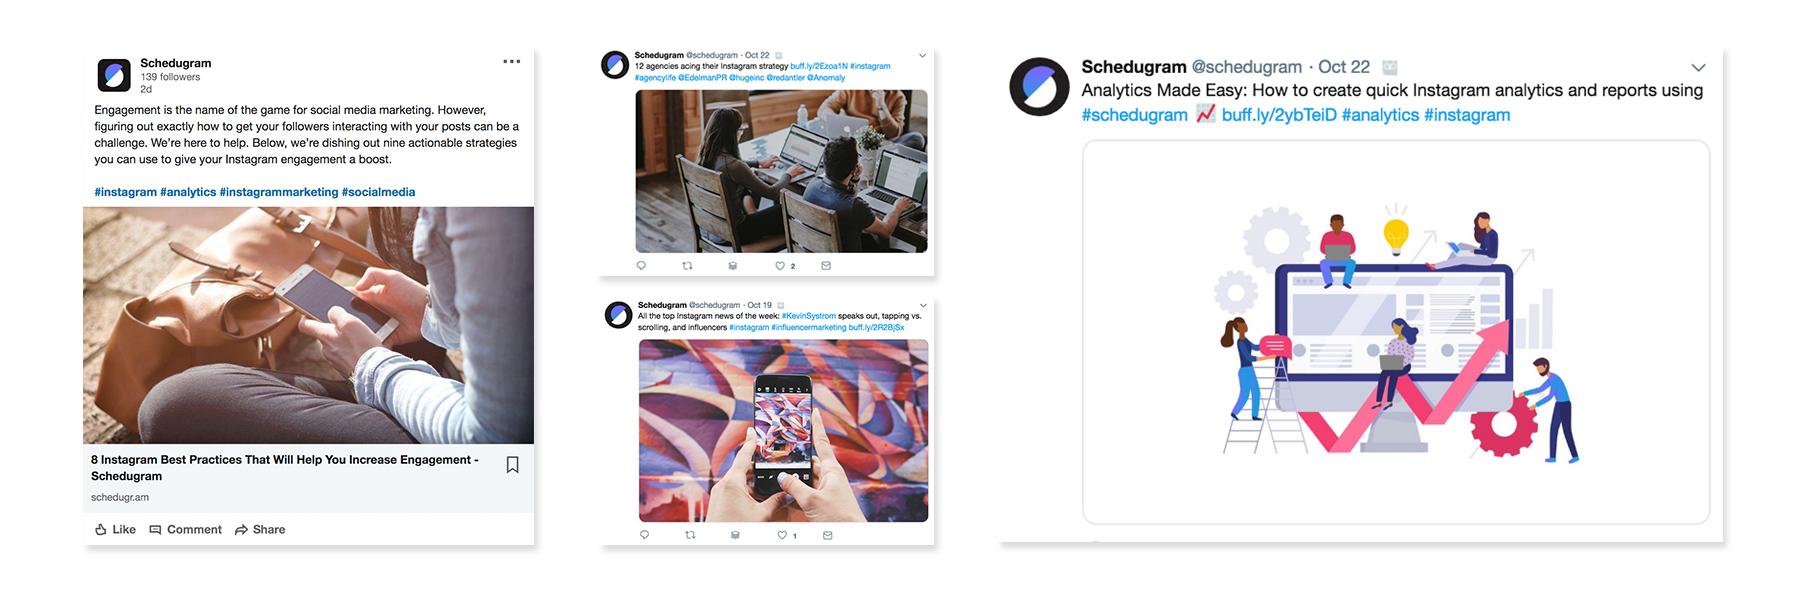 squarespace-schedugram-tweets-linkedin-portfolio.jpg